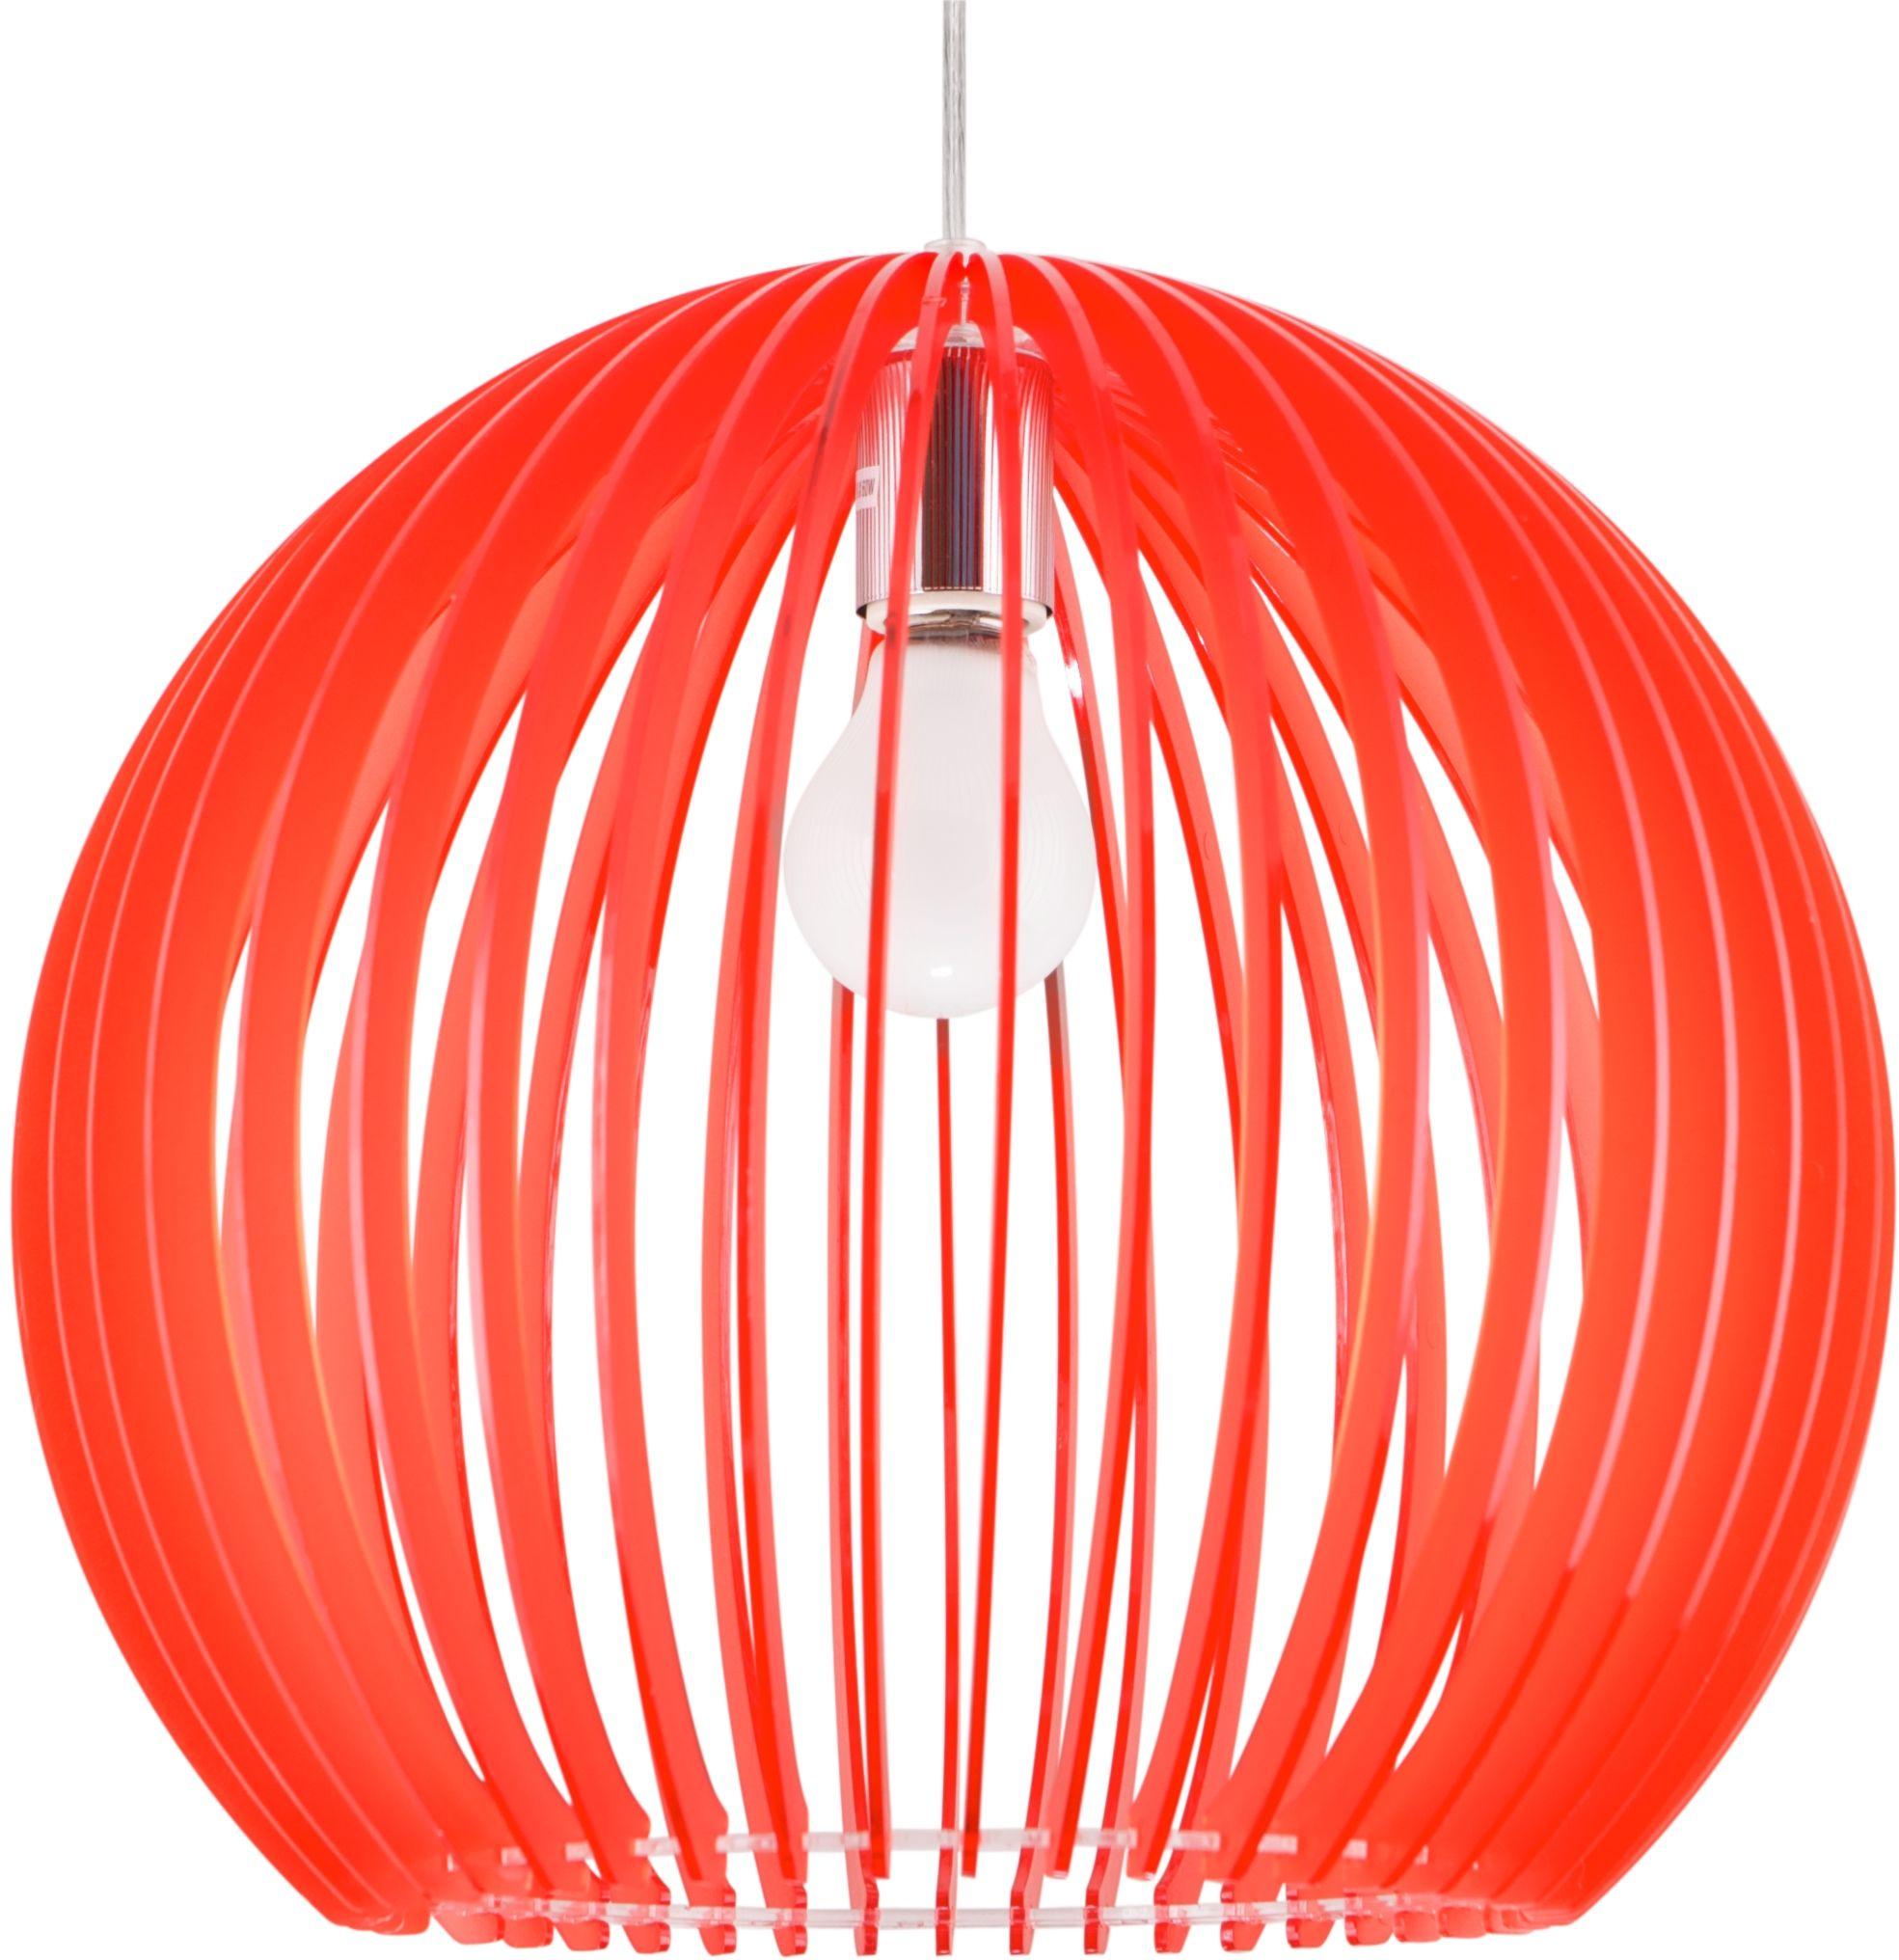 Candellux HAGA 31-50413 lampa wisząca czerwony akrylowy klosz 1X60W E27 36 cm